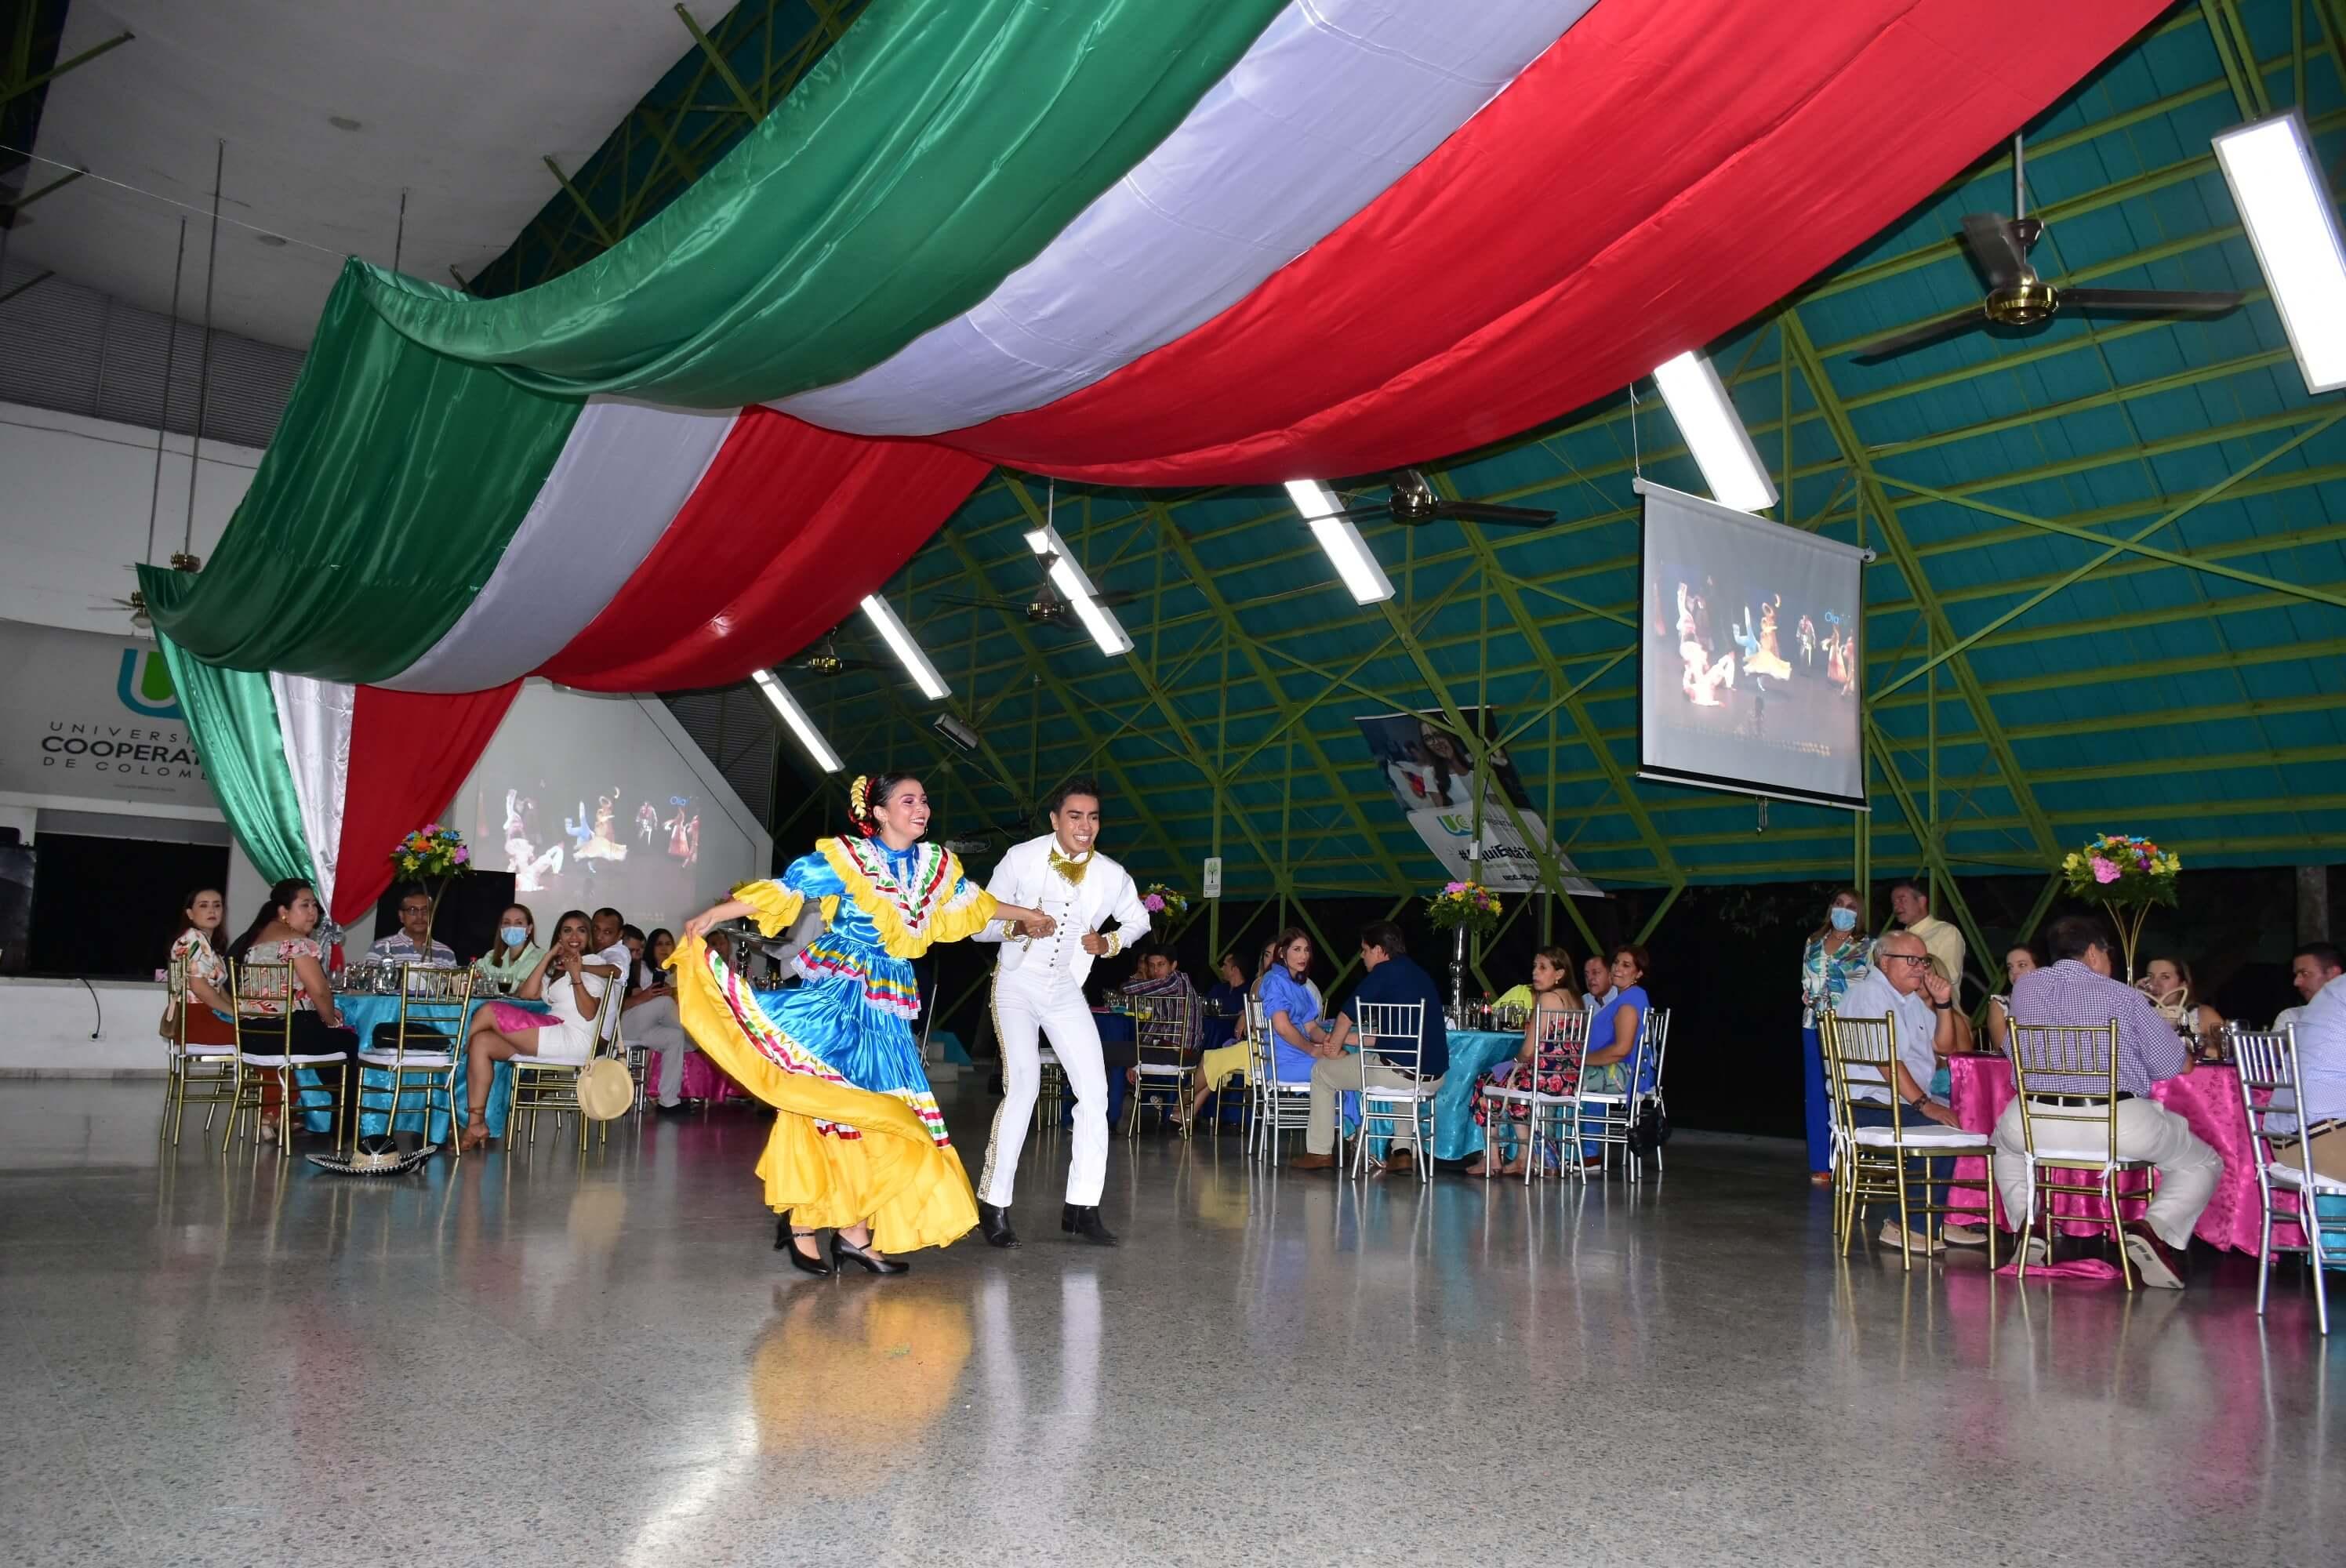 Universidad Cooperativa al estilo mexicano